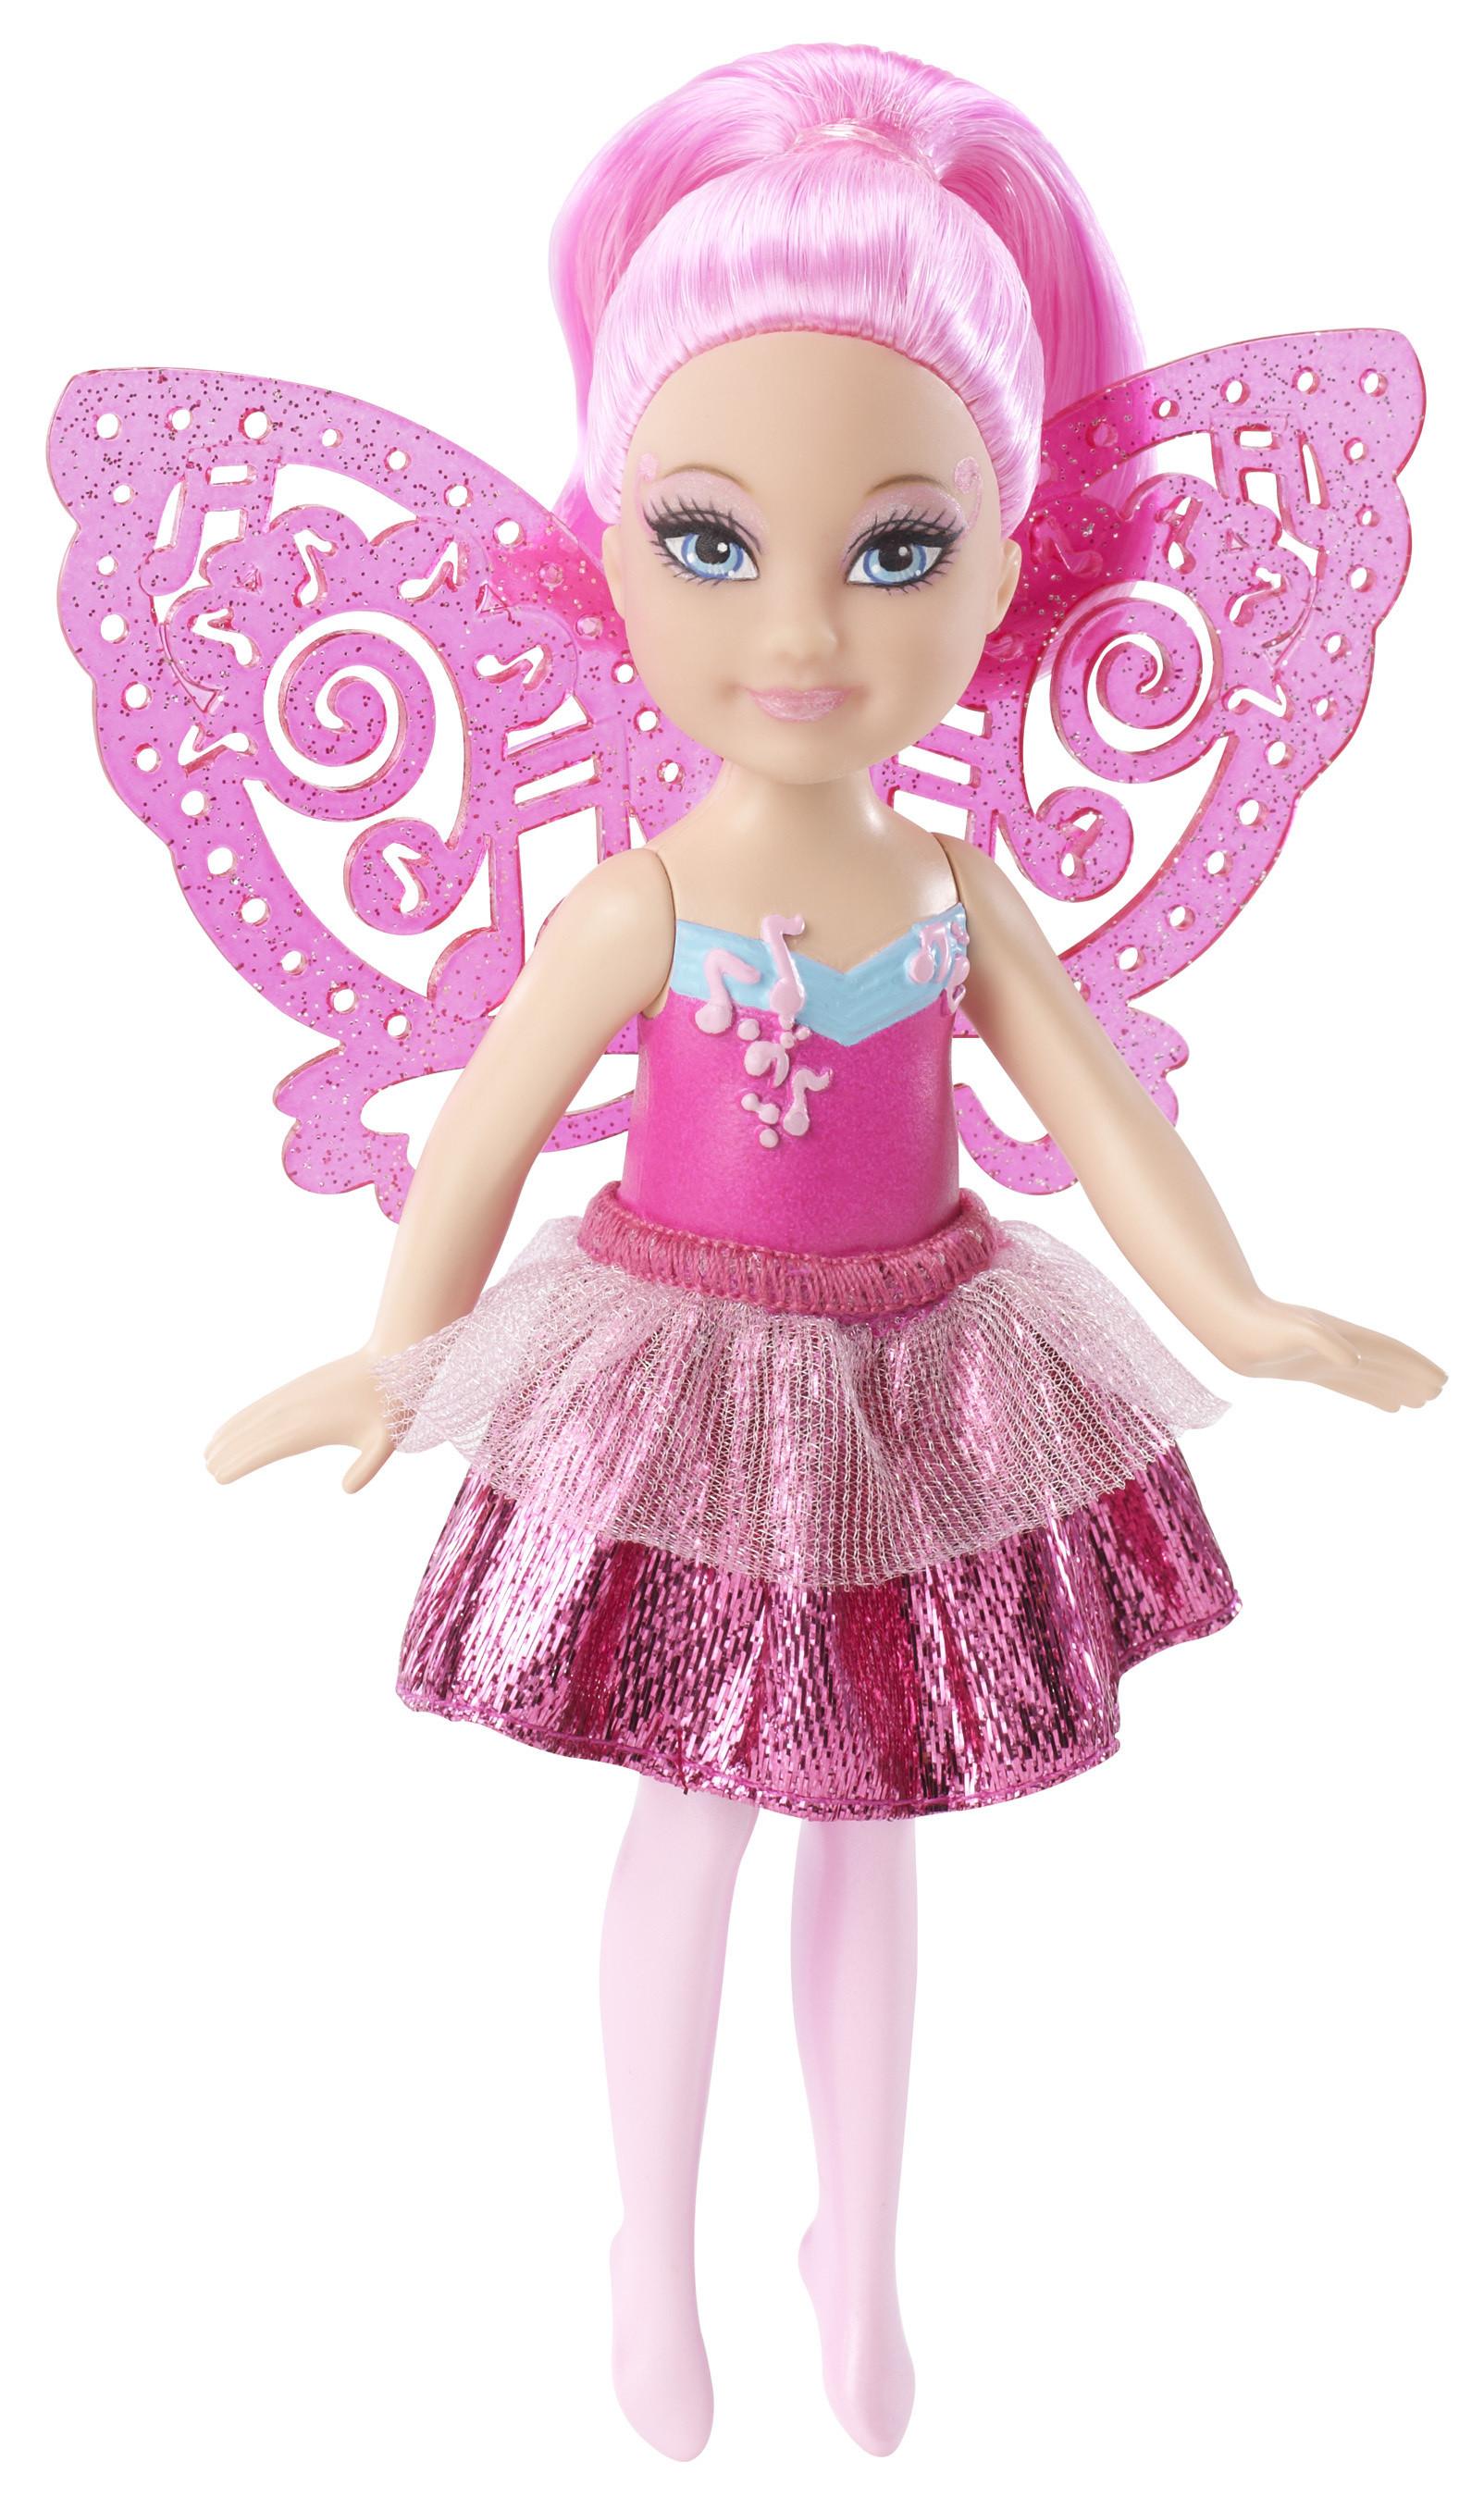 Barbie wallpaper Barbie em  Free barbie Barbie drawing e